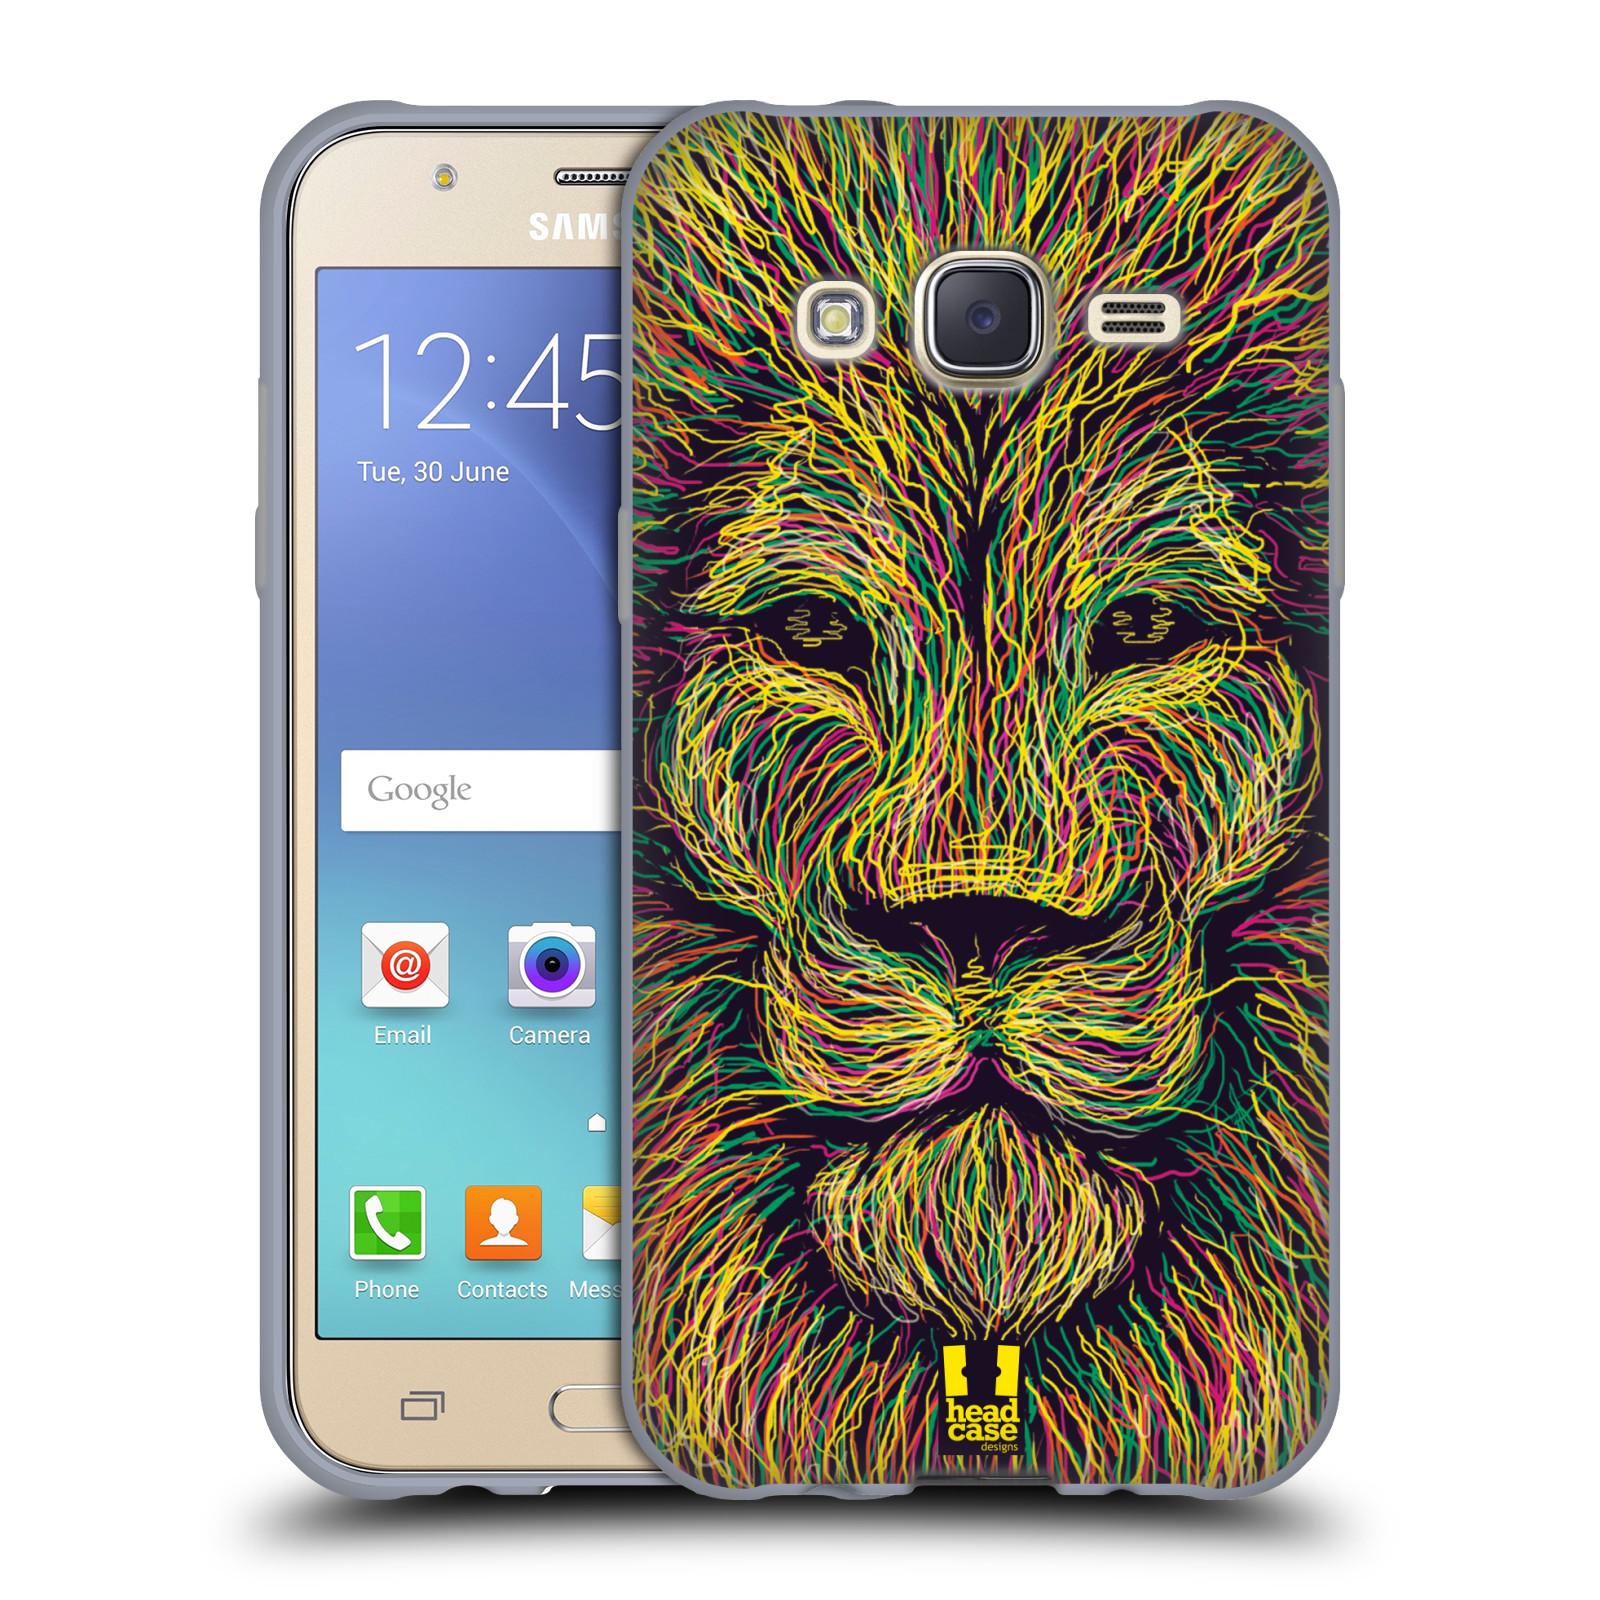 HEAD CASE silikonový obal na mobil Samsung Galaxy J5, J500, (J5 DUOS) vzor zvíře čmáranice lev